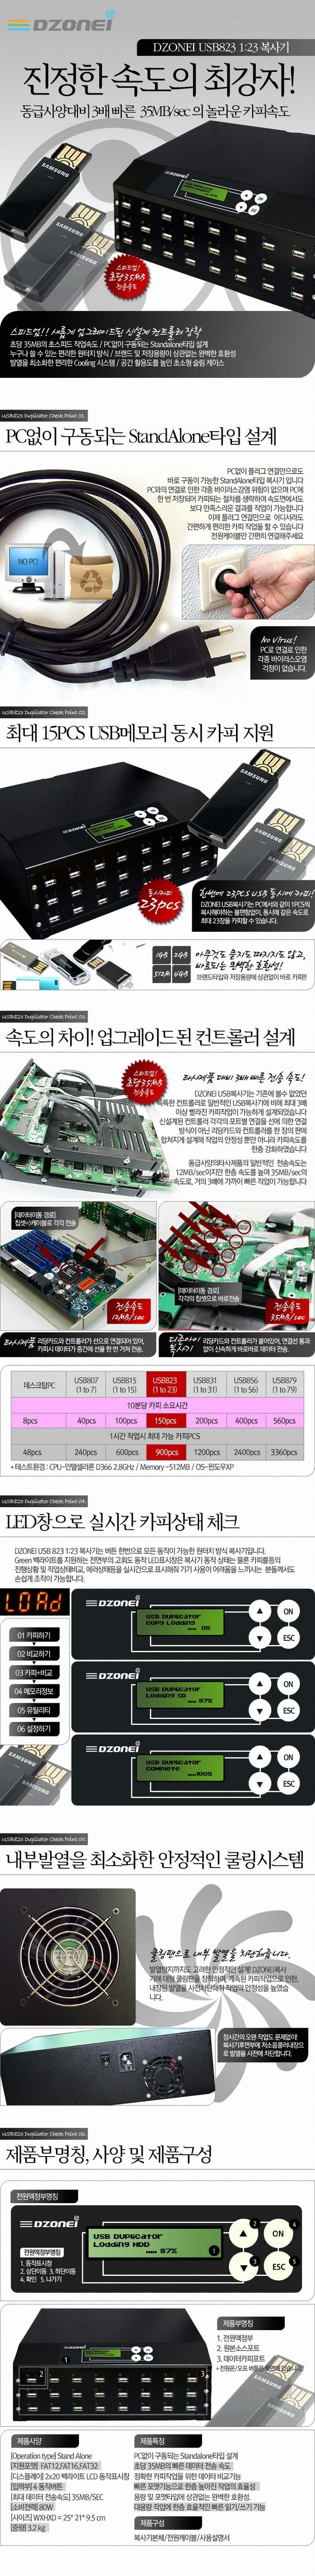 디지털존 DZONEI USB823 1:23 복사기